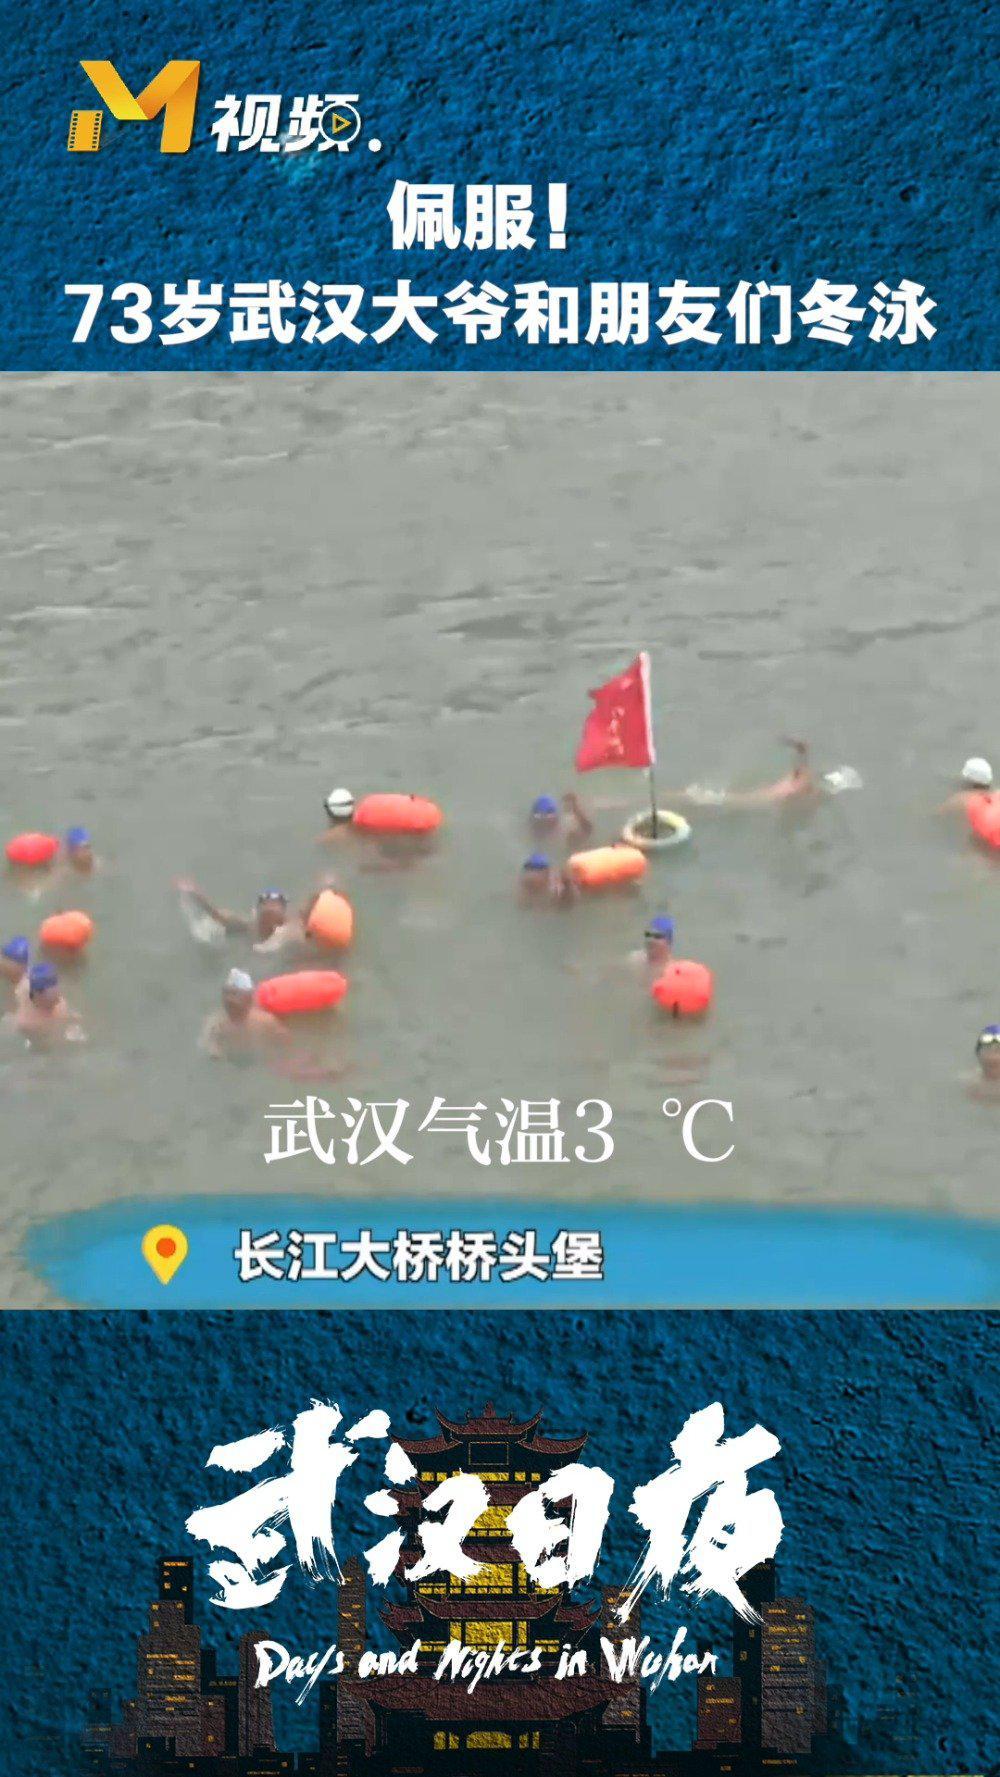 冬泳武汉很有特色的一项体育运动……